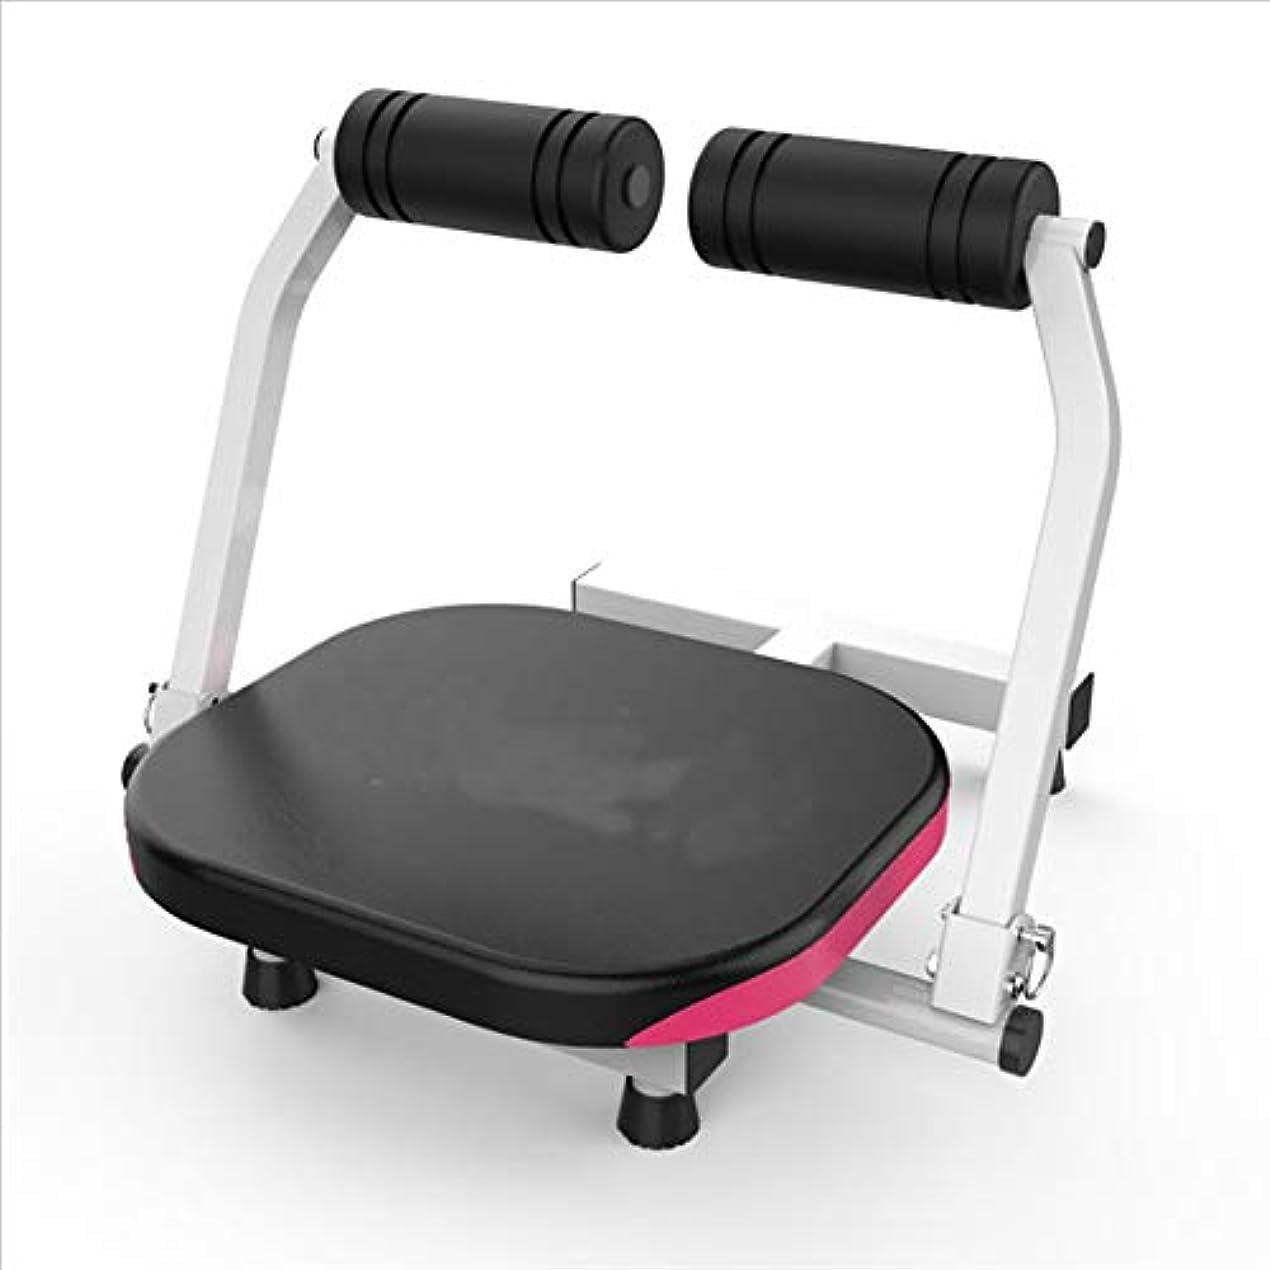 消毒剤バイオレットリスナースポーツアシスト腹筋フィットネス機器ホーム男性と女性の多機能腹部マシン仰臥位ボード